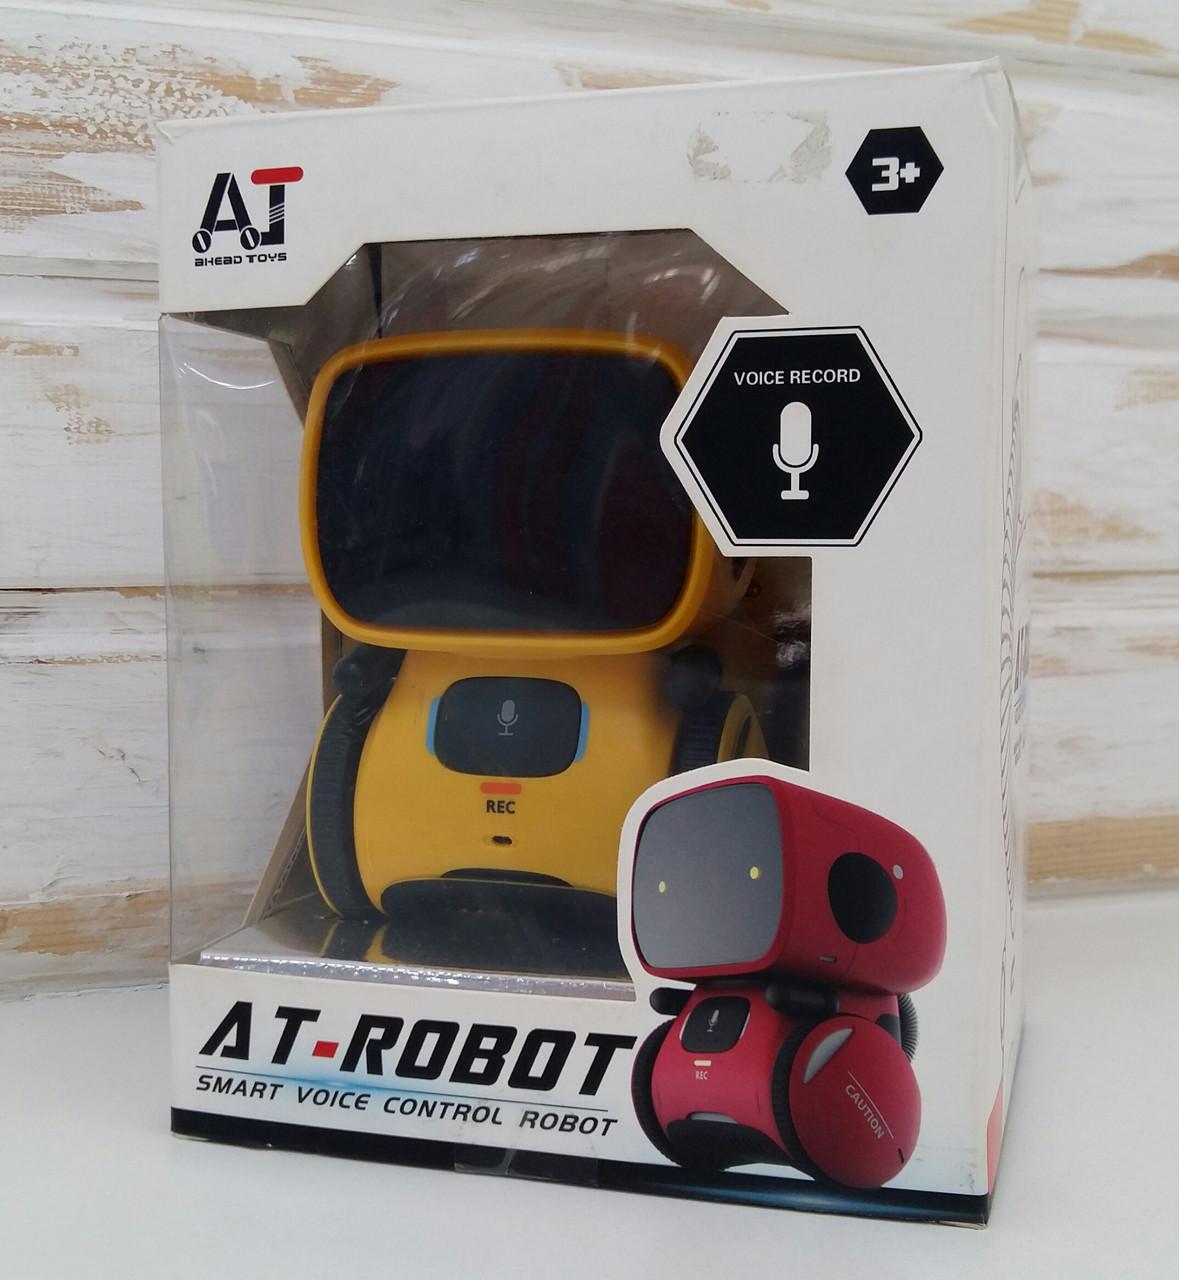 AT-ROBOT AT001